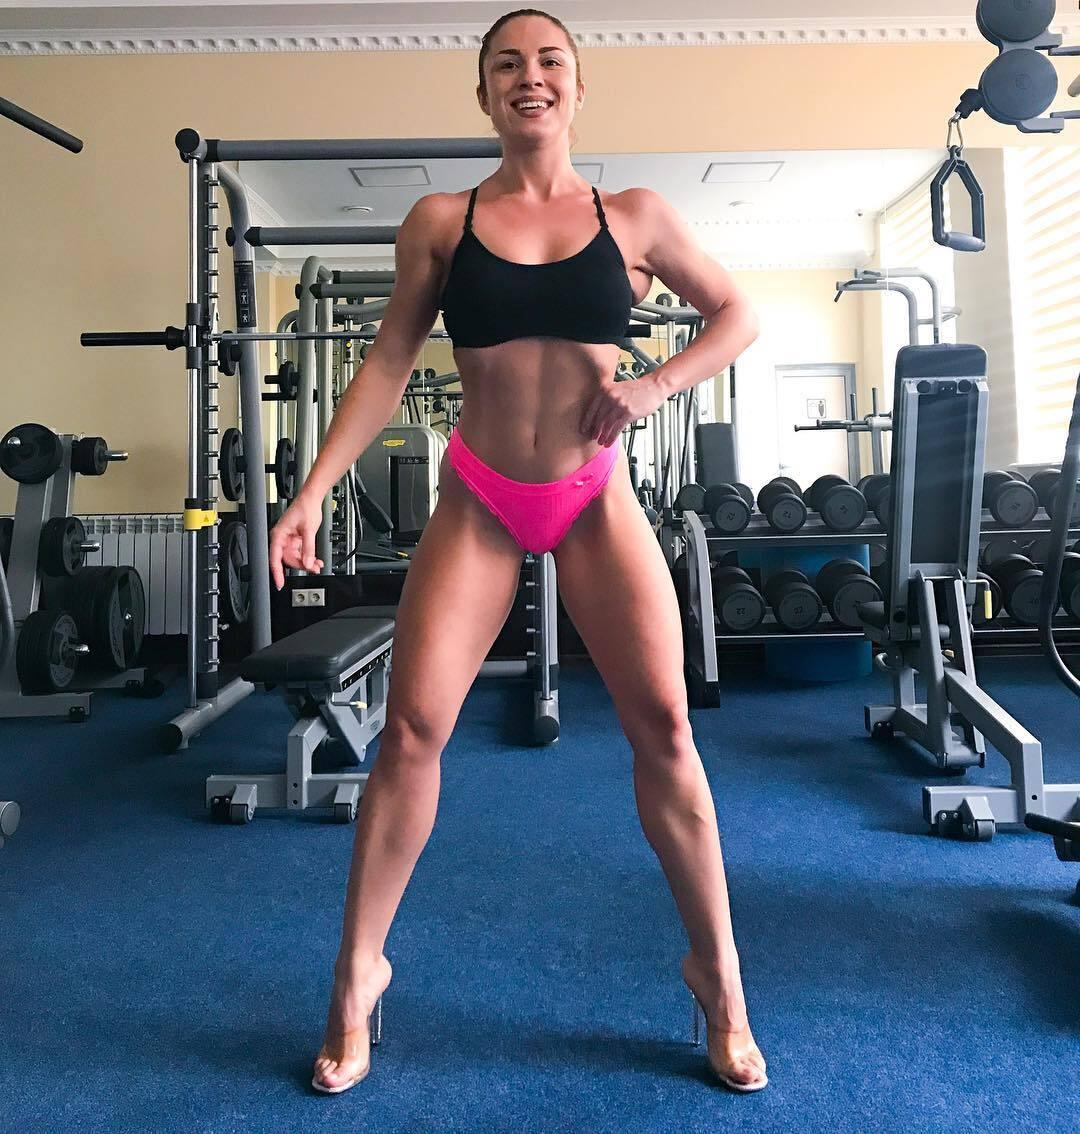 Віце-чемпіонка з фітнес-бікіні з Росії знялася повністю оголеною